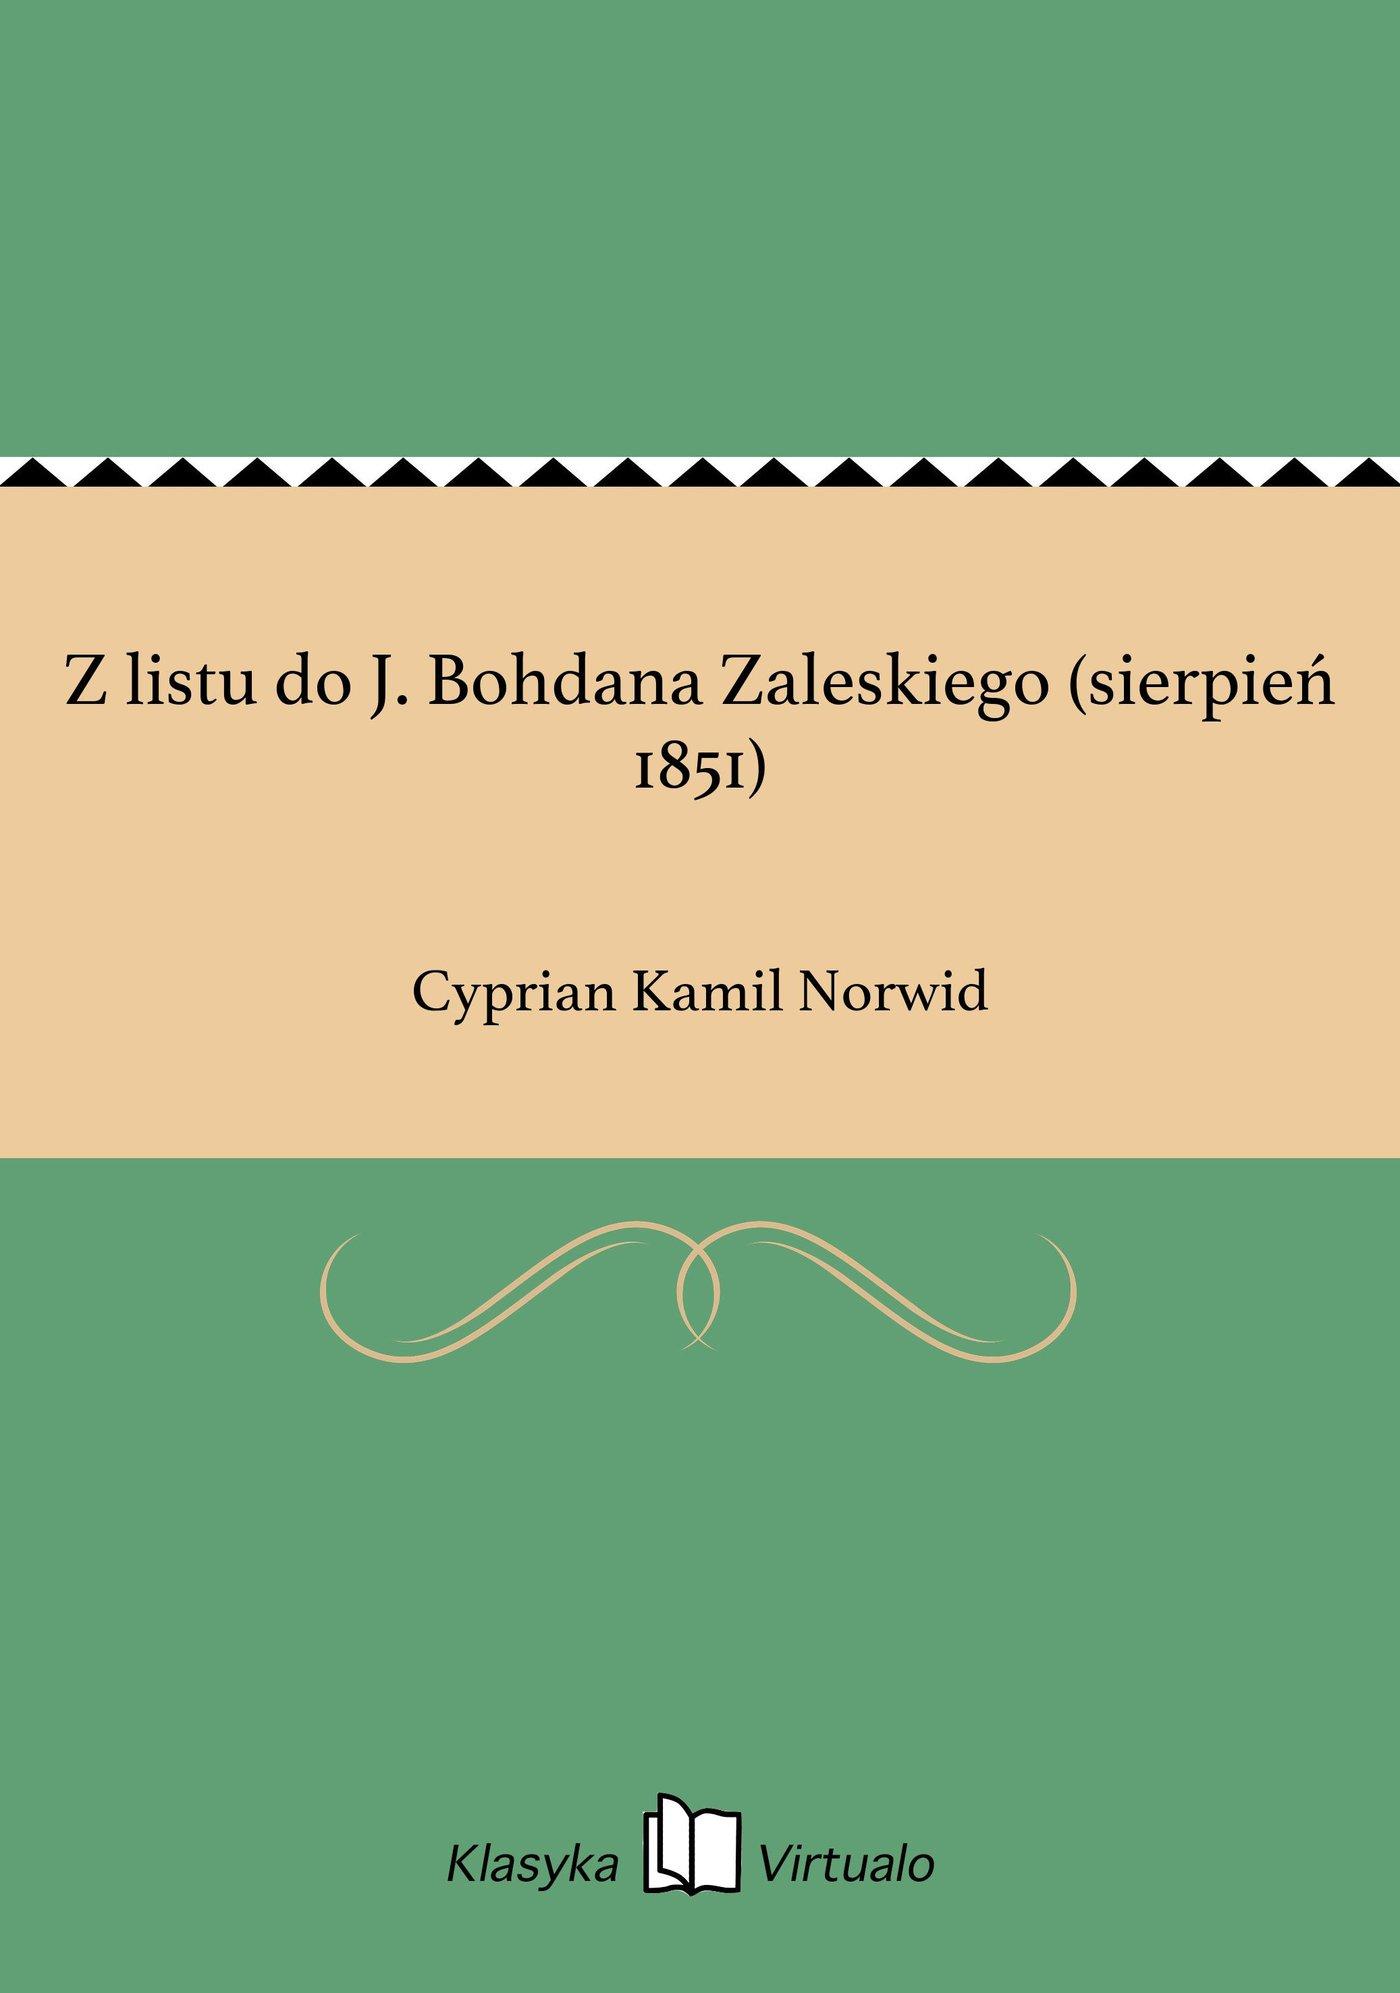 Z listu do J. Bohdana Zaleskiego (sierpień 1851) - Ebook (Książka EPUB) do pobrania w formacie EPUB